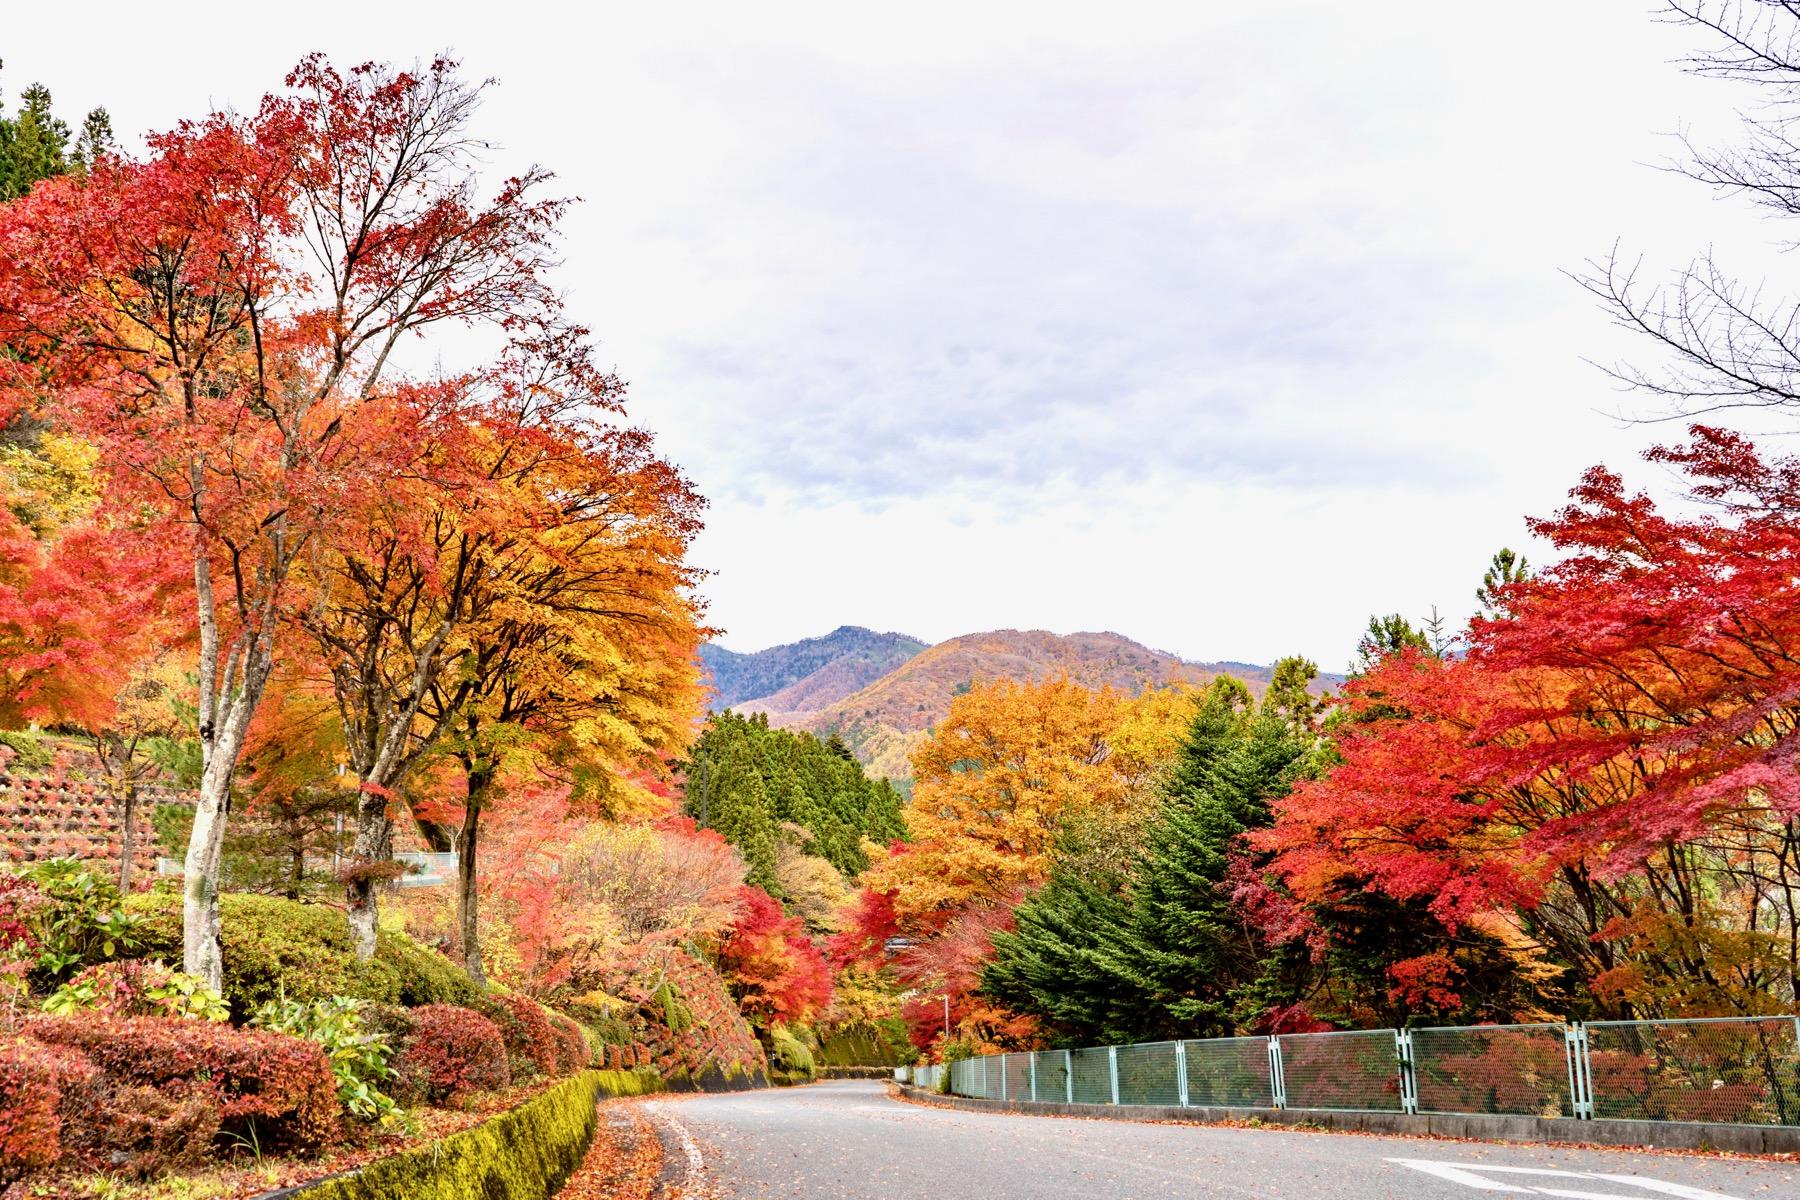 Những hình ảnh mùa thu cực kỳ đẹp